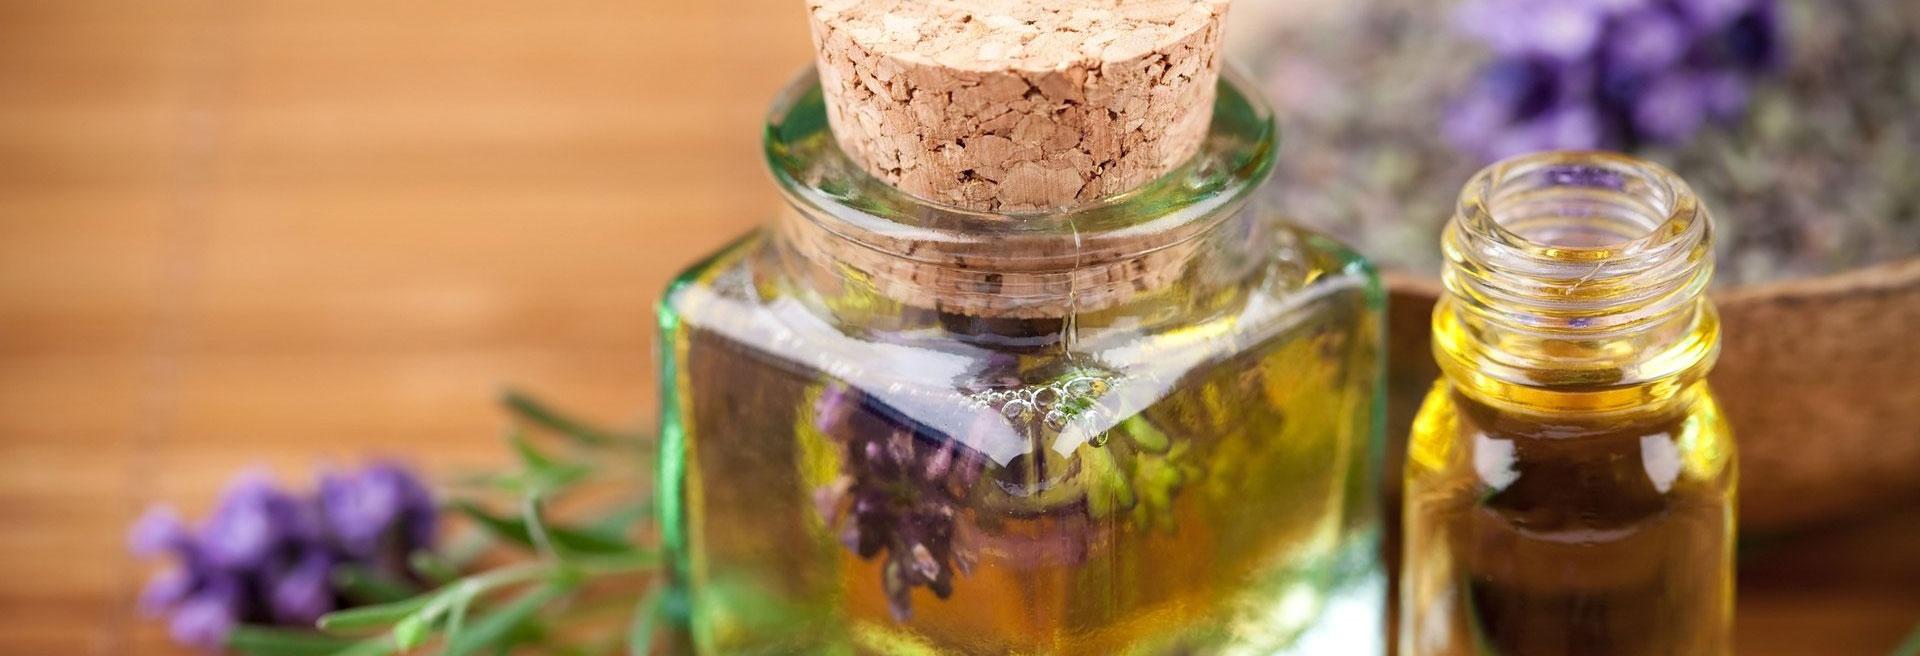 Peanut oil (கடலை எண்ணெய்) செக்கு